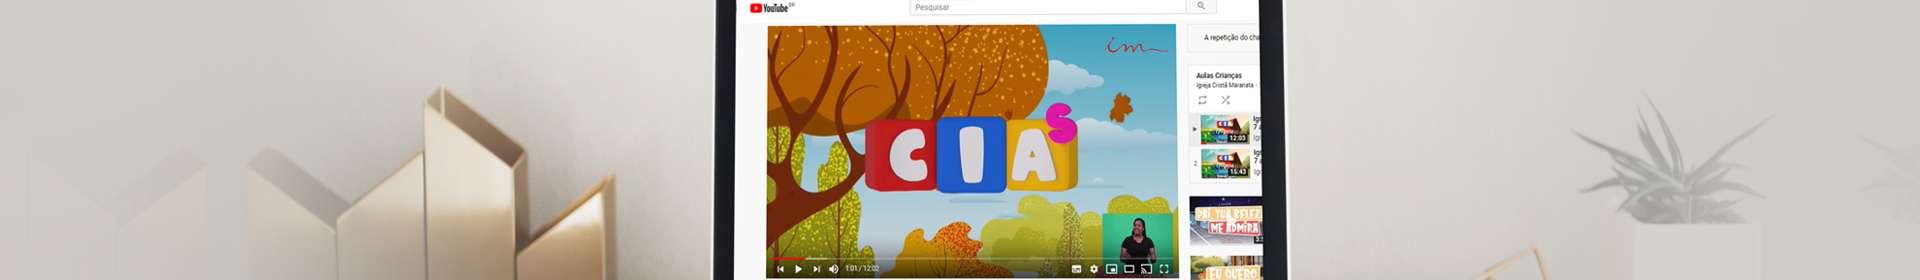 Entenda como consumir conteúdos infantis online da melhor forma: orientações especializadas